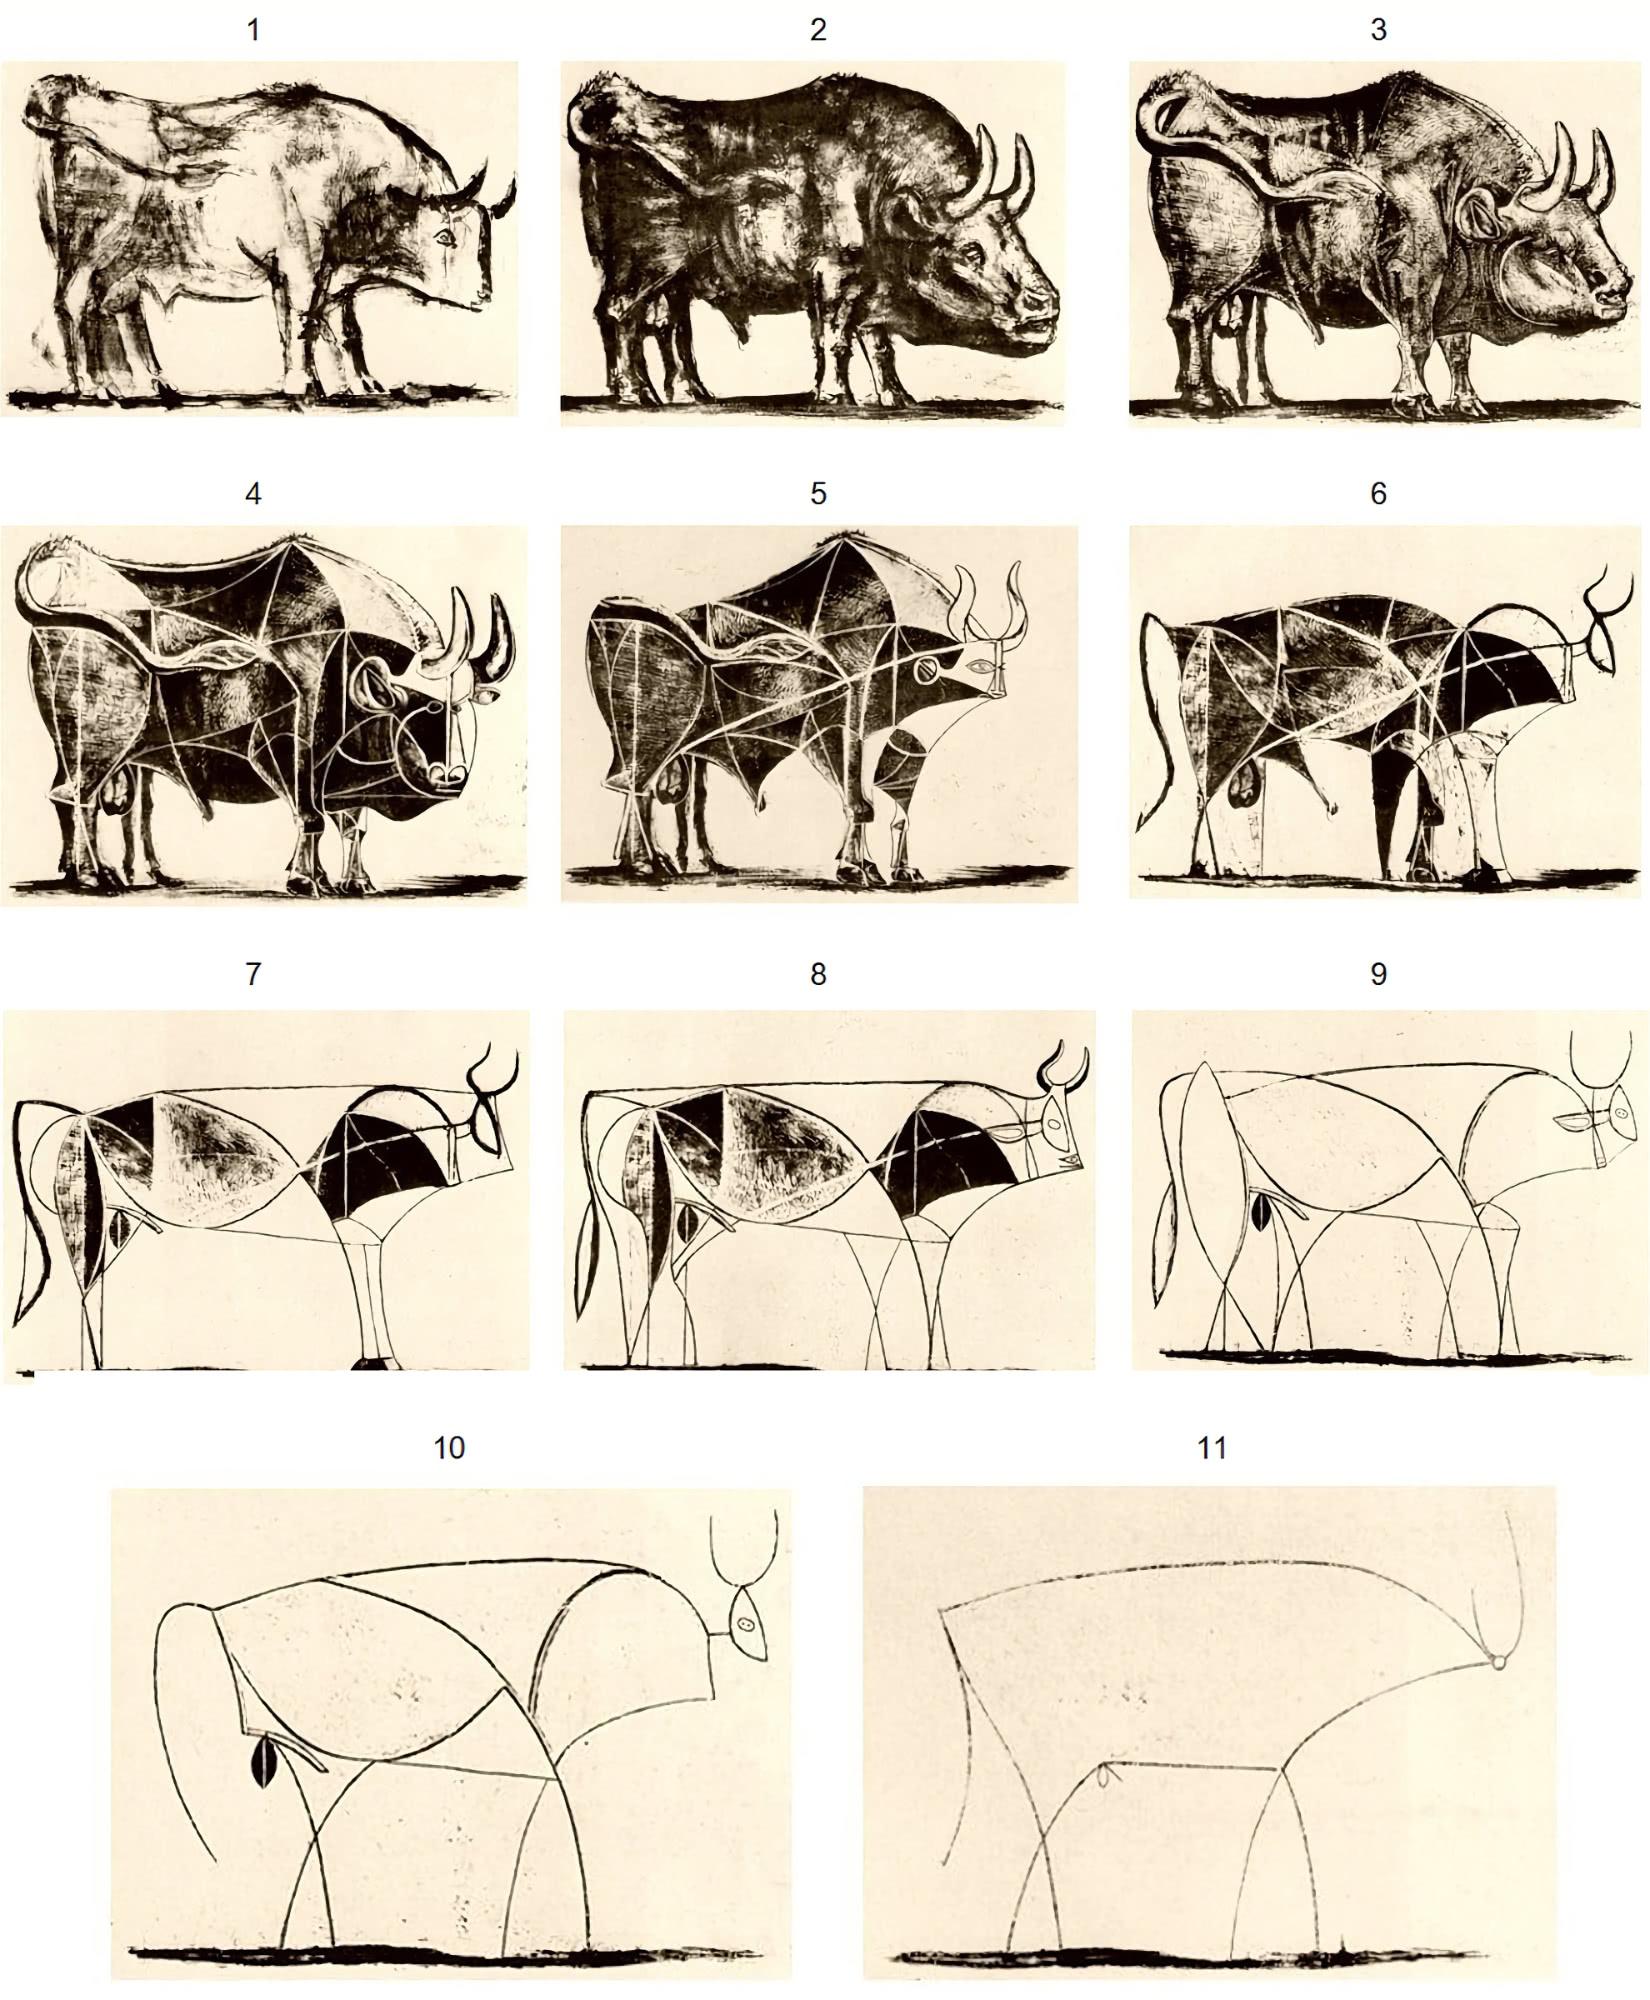 Picasso's Bull (Full Series)